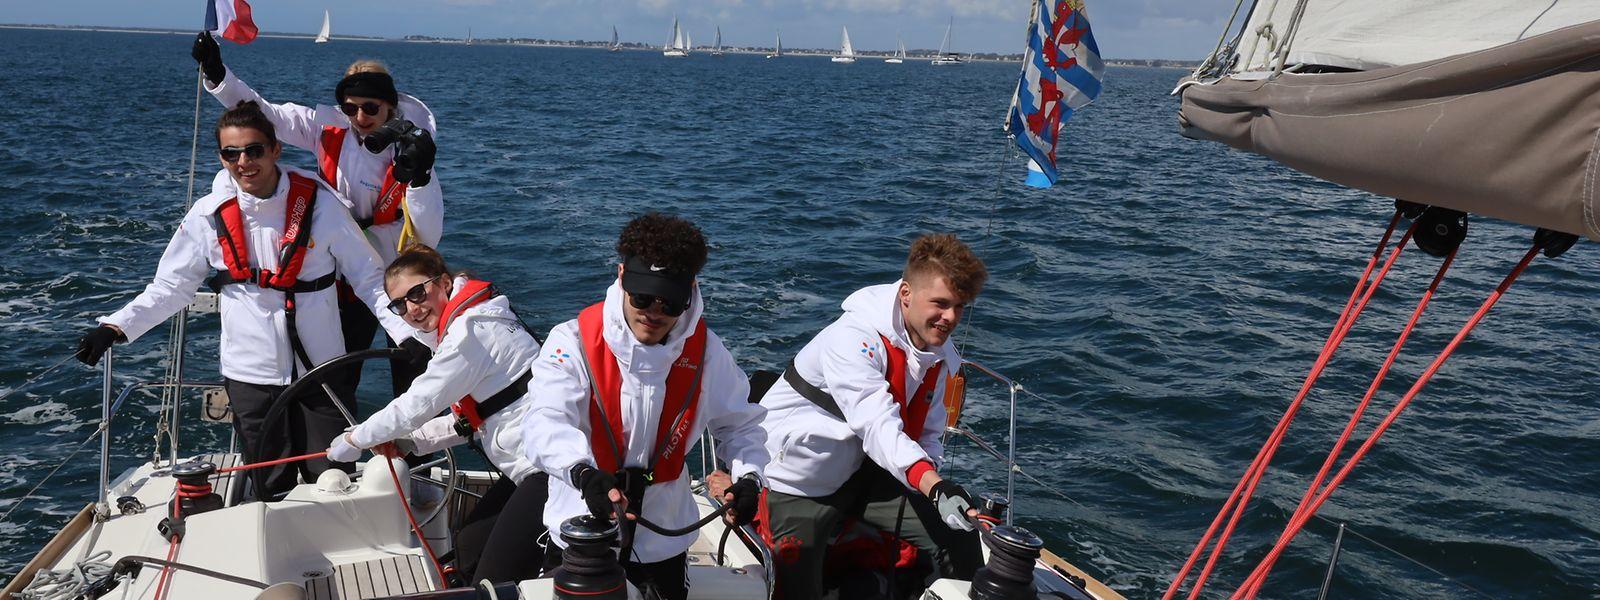 Luxemburger Schülerinnen und Schüler beim Segeln in der Bretagne.